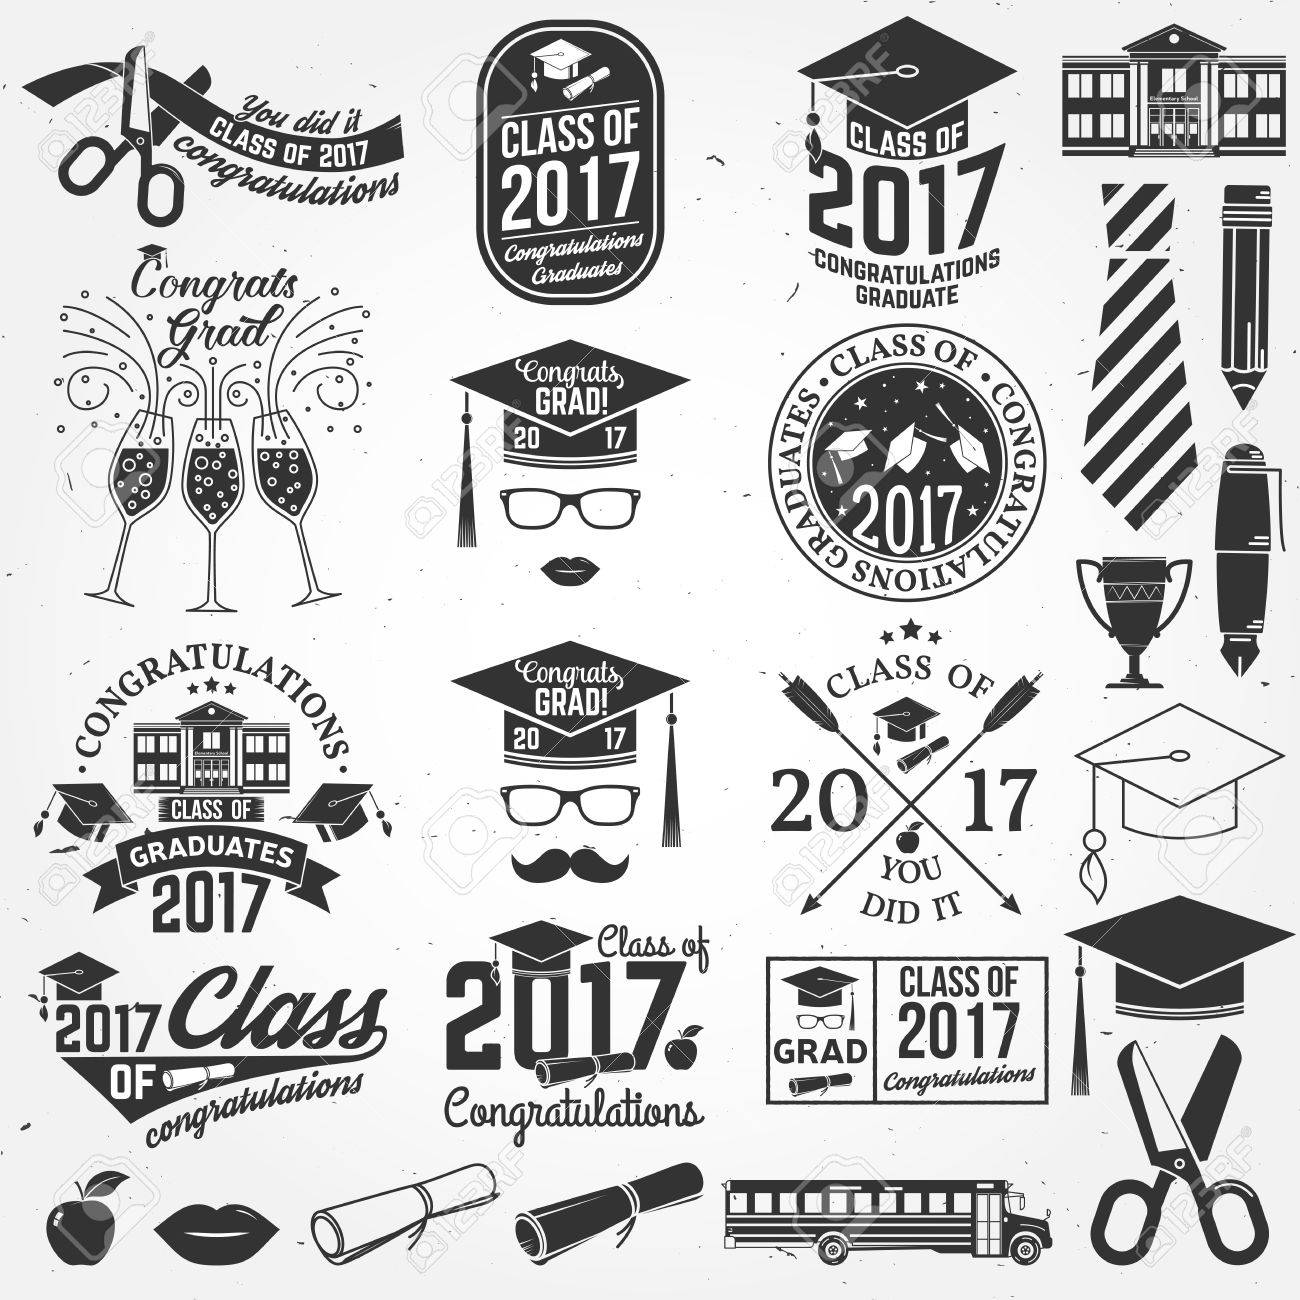 Vector Class of 2017 badge. - 72877592